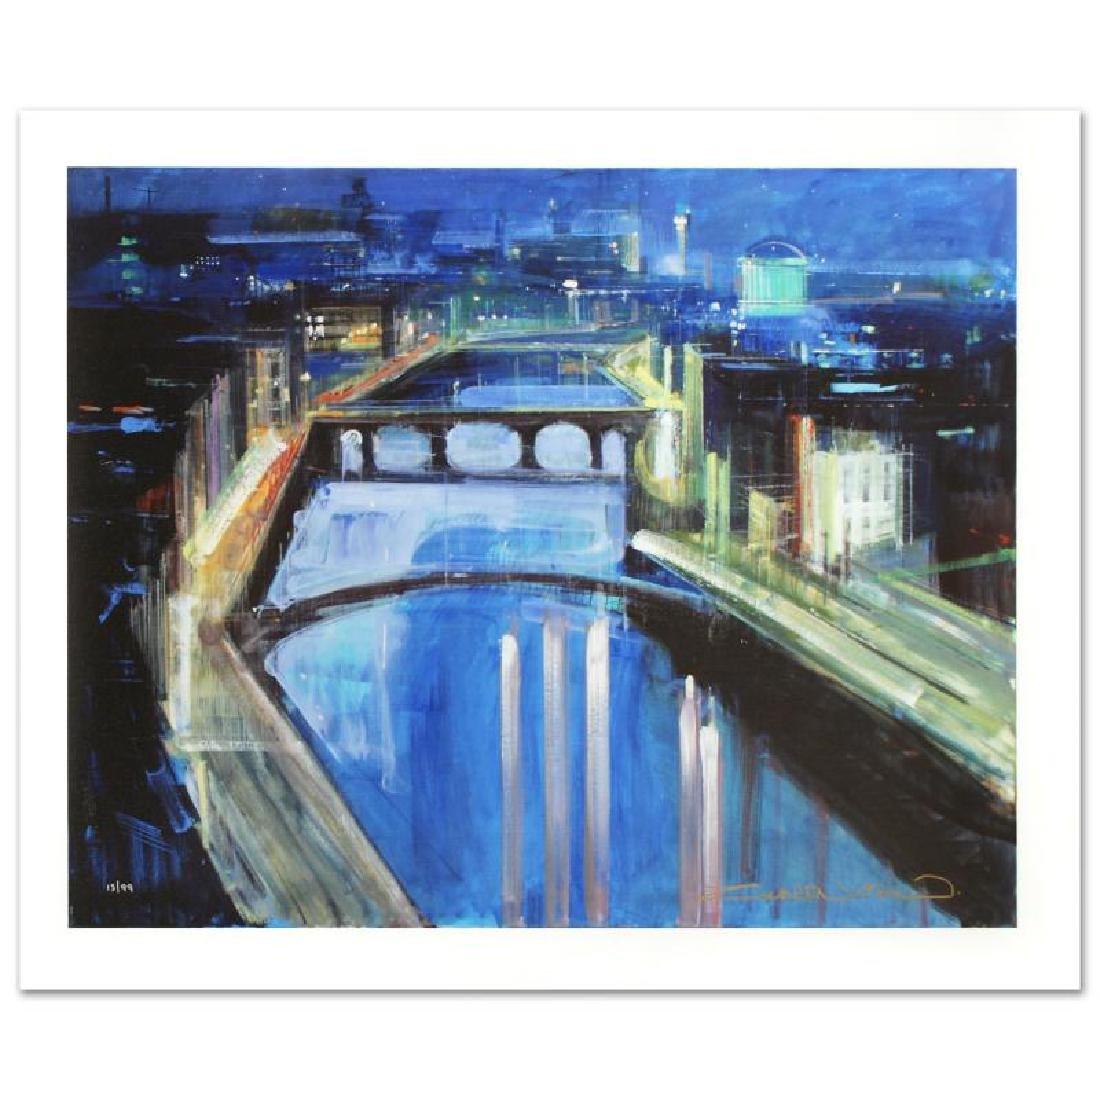 Dublin by Night by Zwarenstein, Alex